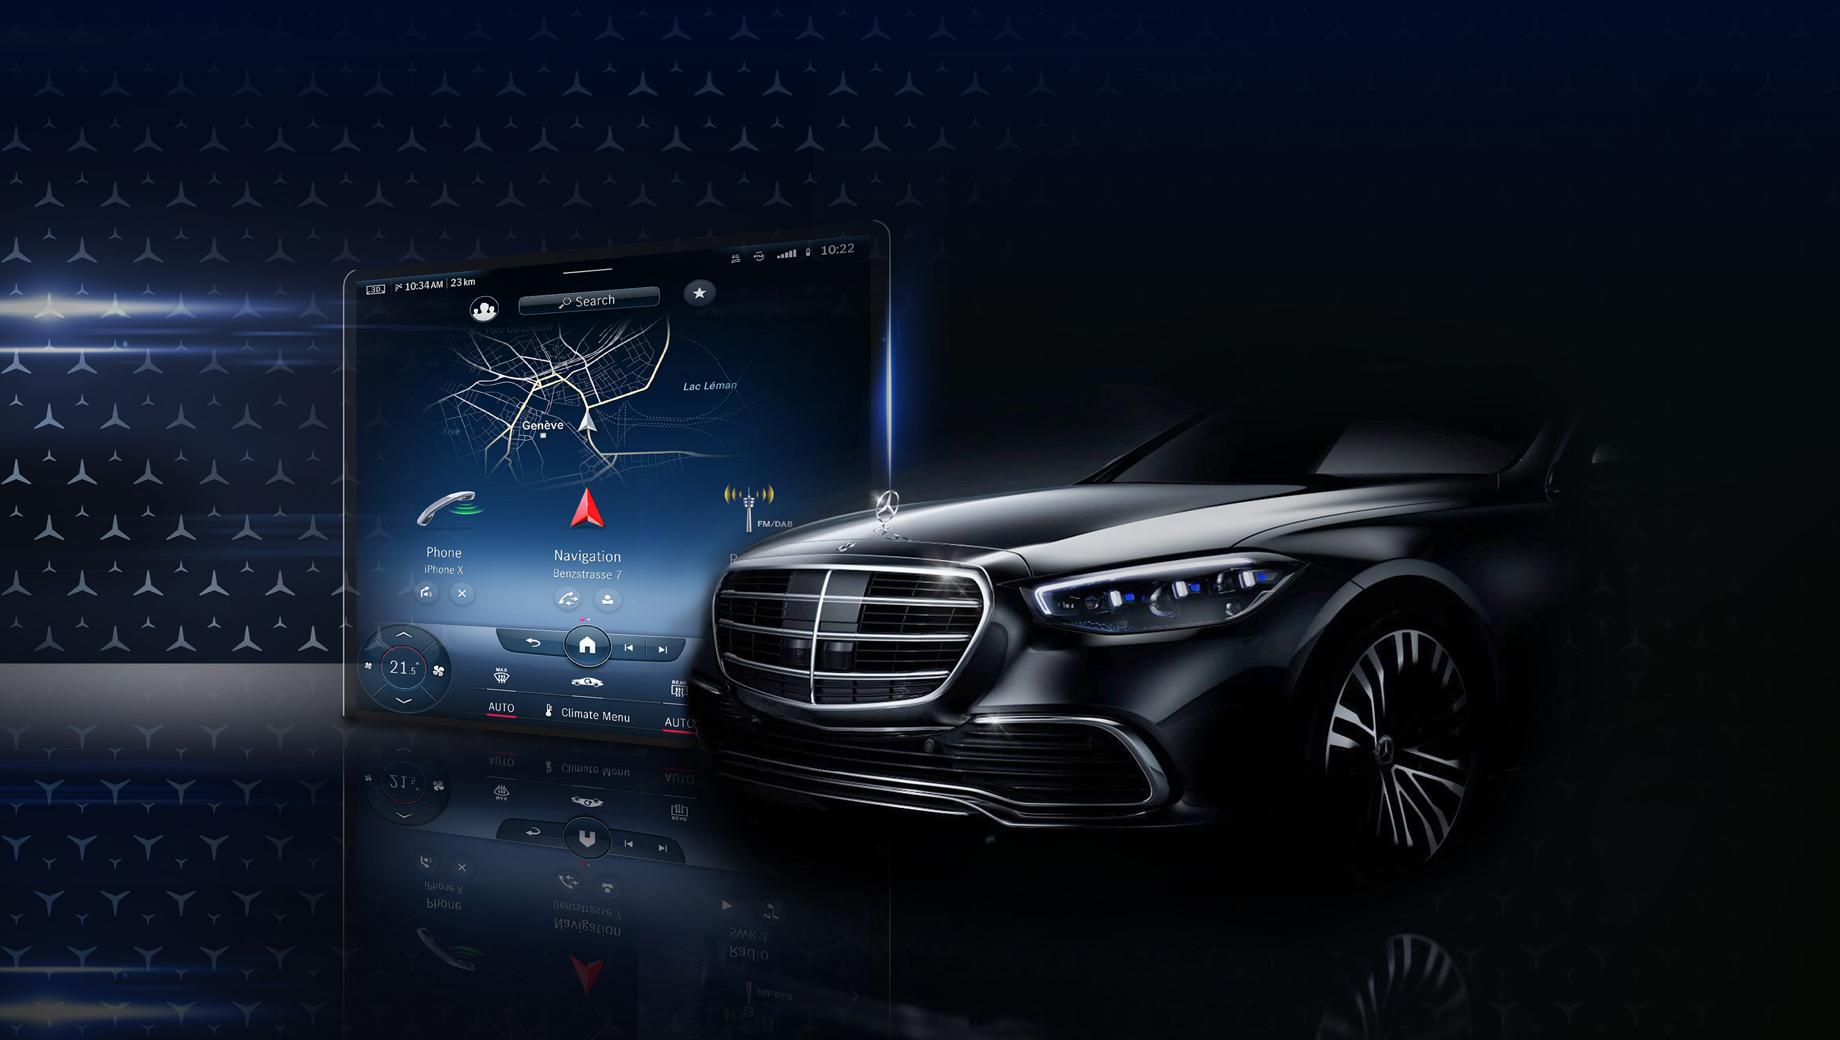 Mercedes s. Мы уже видели шпионские фотографии автомобиля без маскировки, потому очередные тизеры от самой фирмы не станут откровением. А вот мелкие детали в дизайне и особенности конструкции ещё предстоит разобрать.